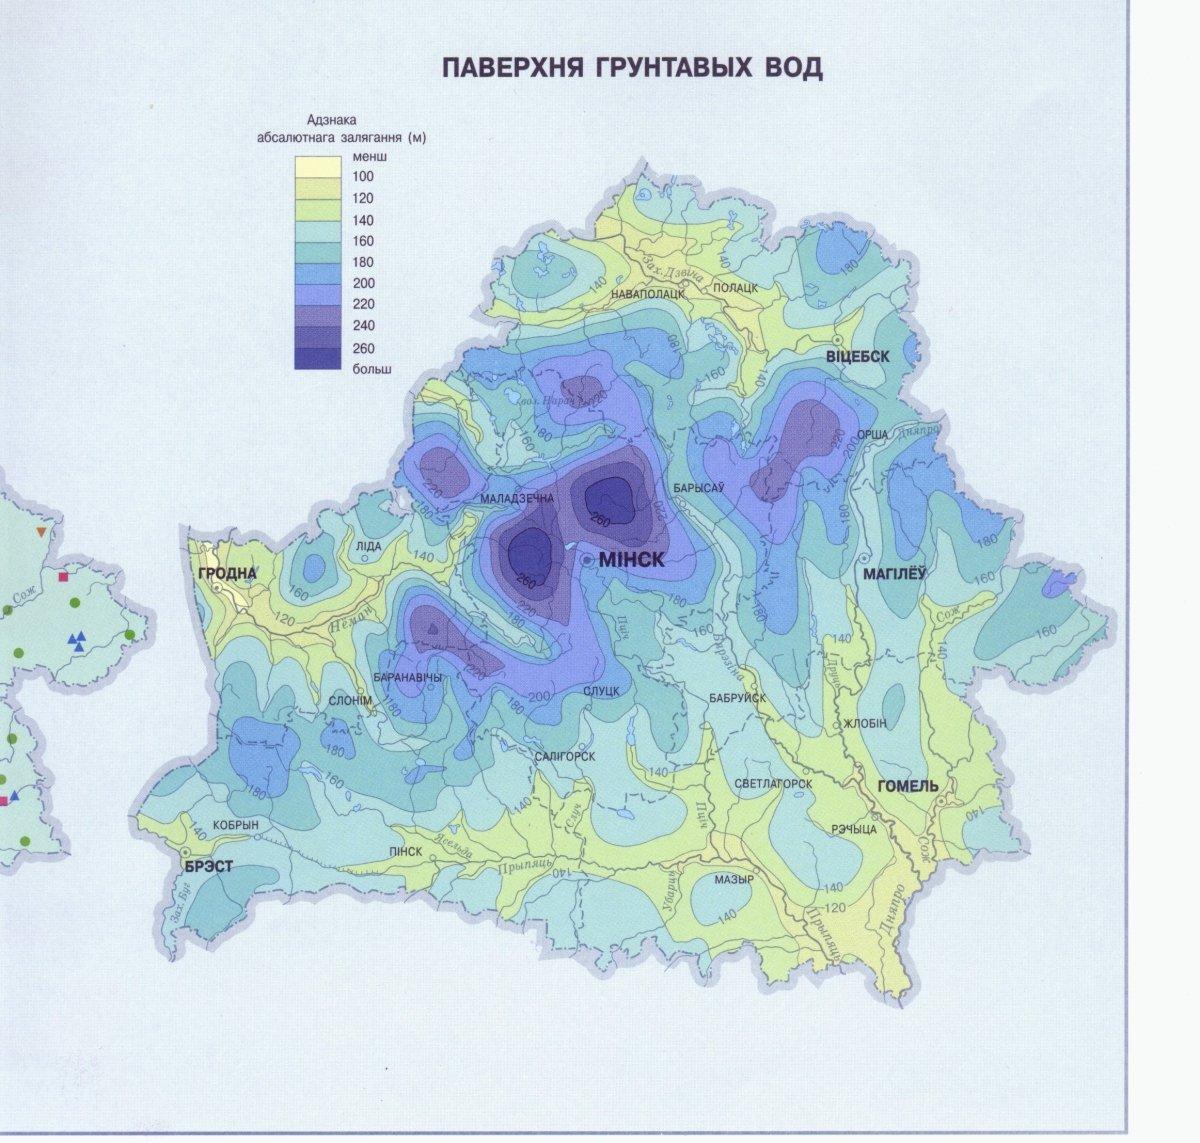 Карта поверхности грунтовых вод Беларуси